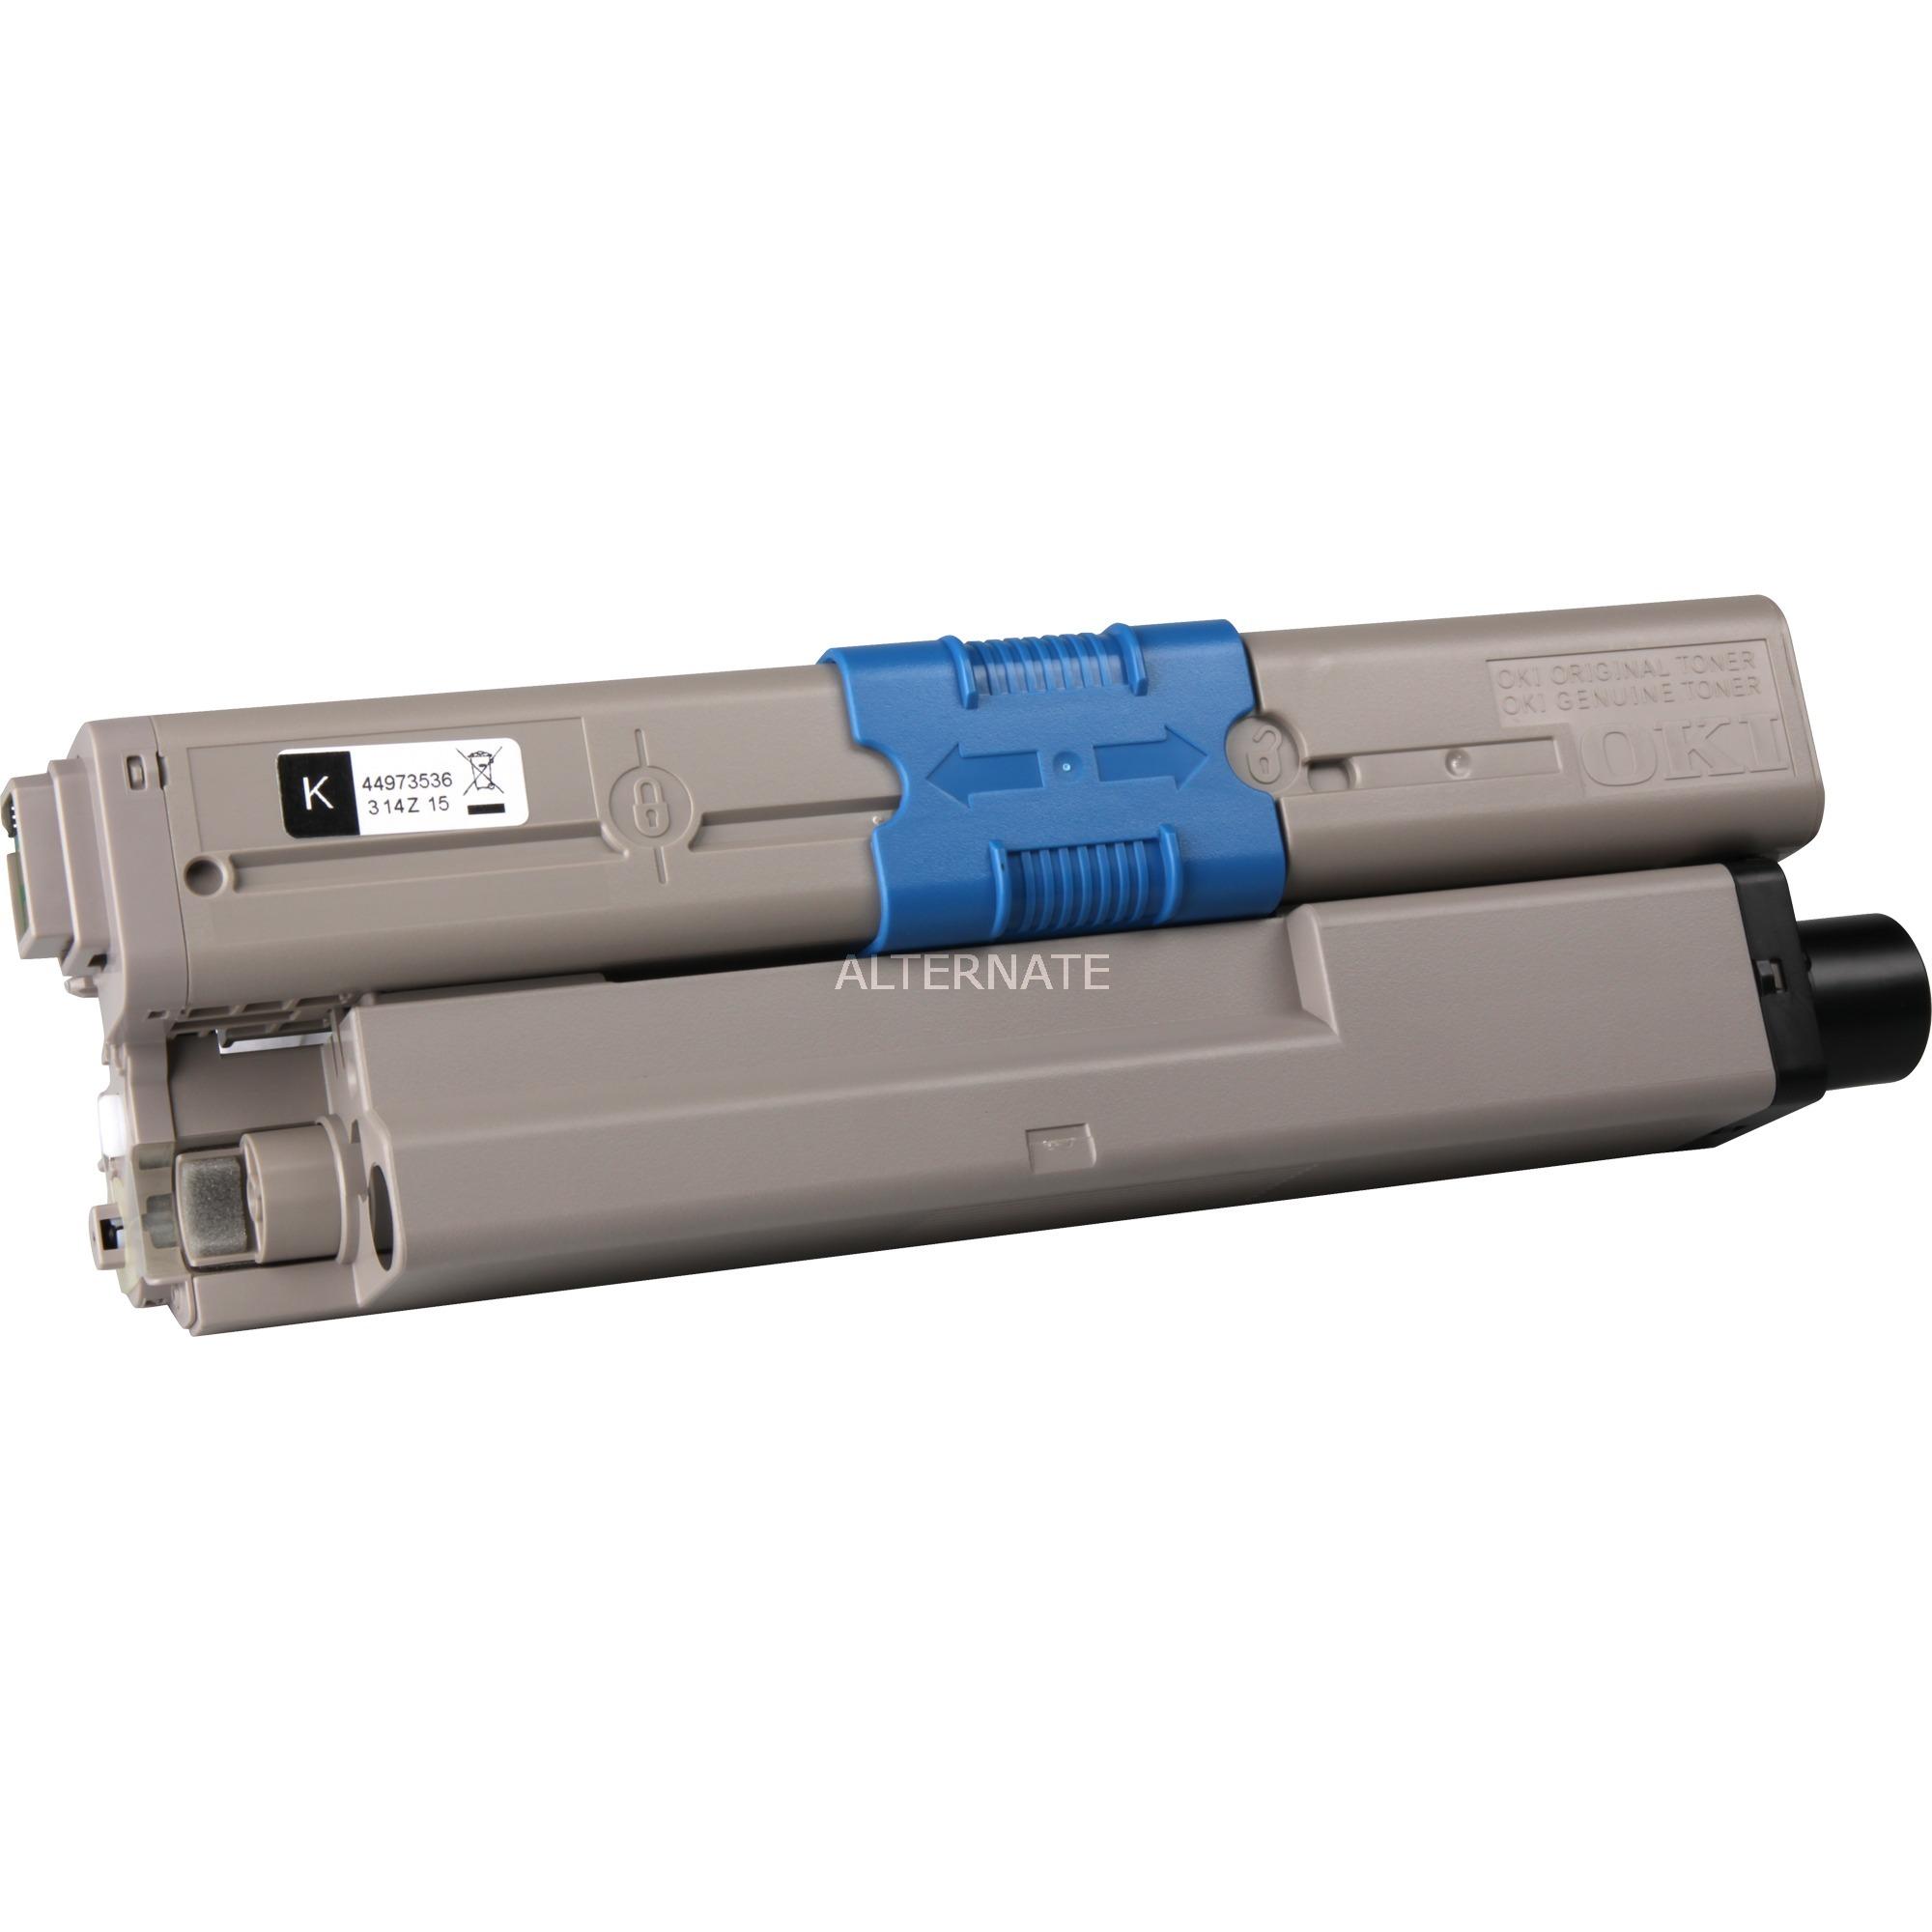 44973536 Cartouche 2200pages Noir cartouche toner et laser